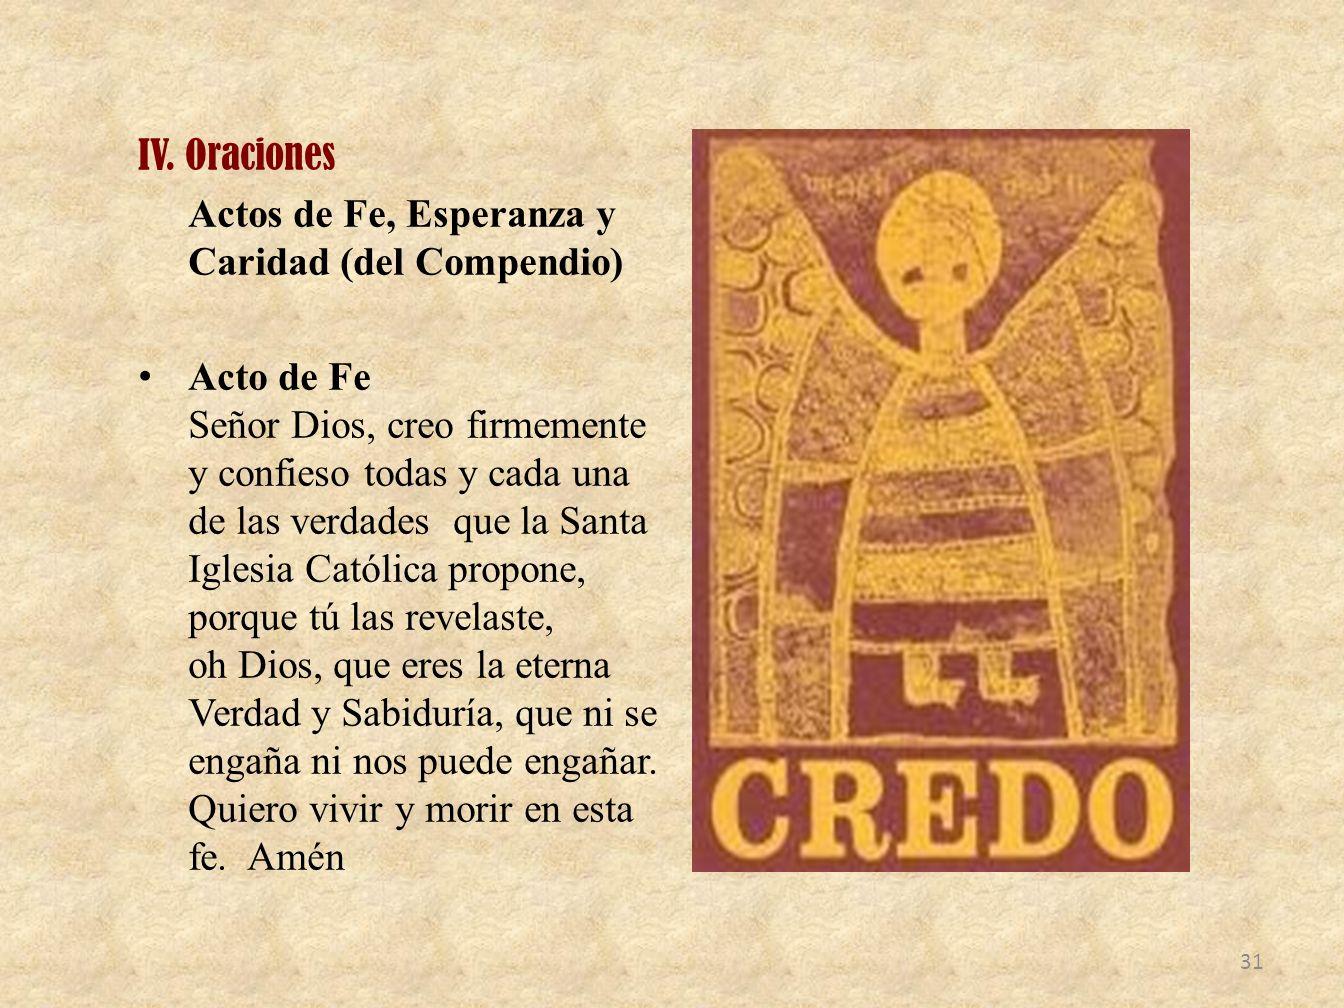 IV. OracionesActos de Fe, Esperanza y Caridad (del Compendio)